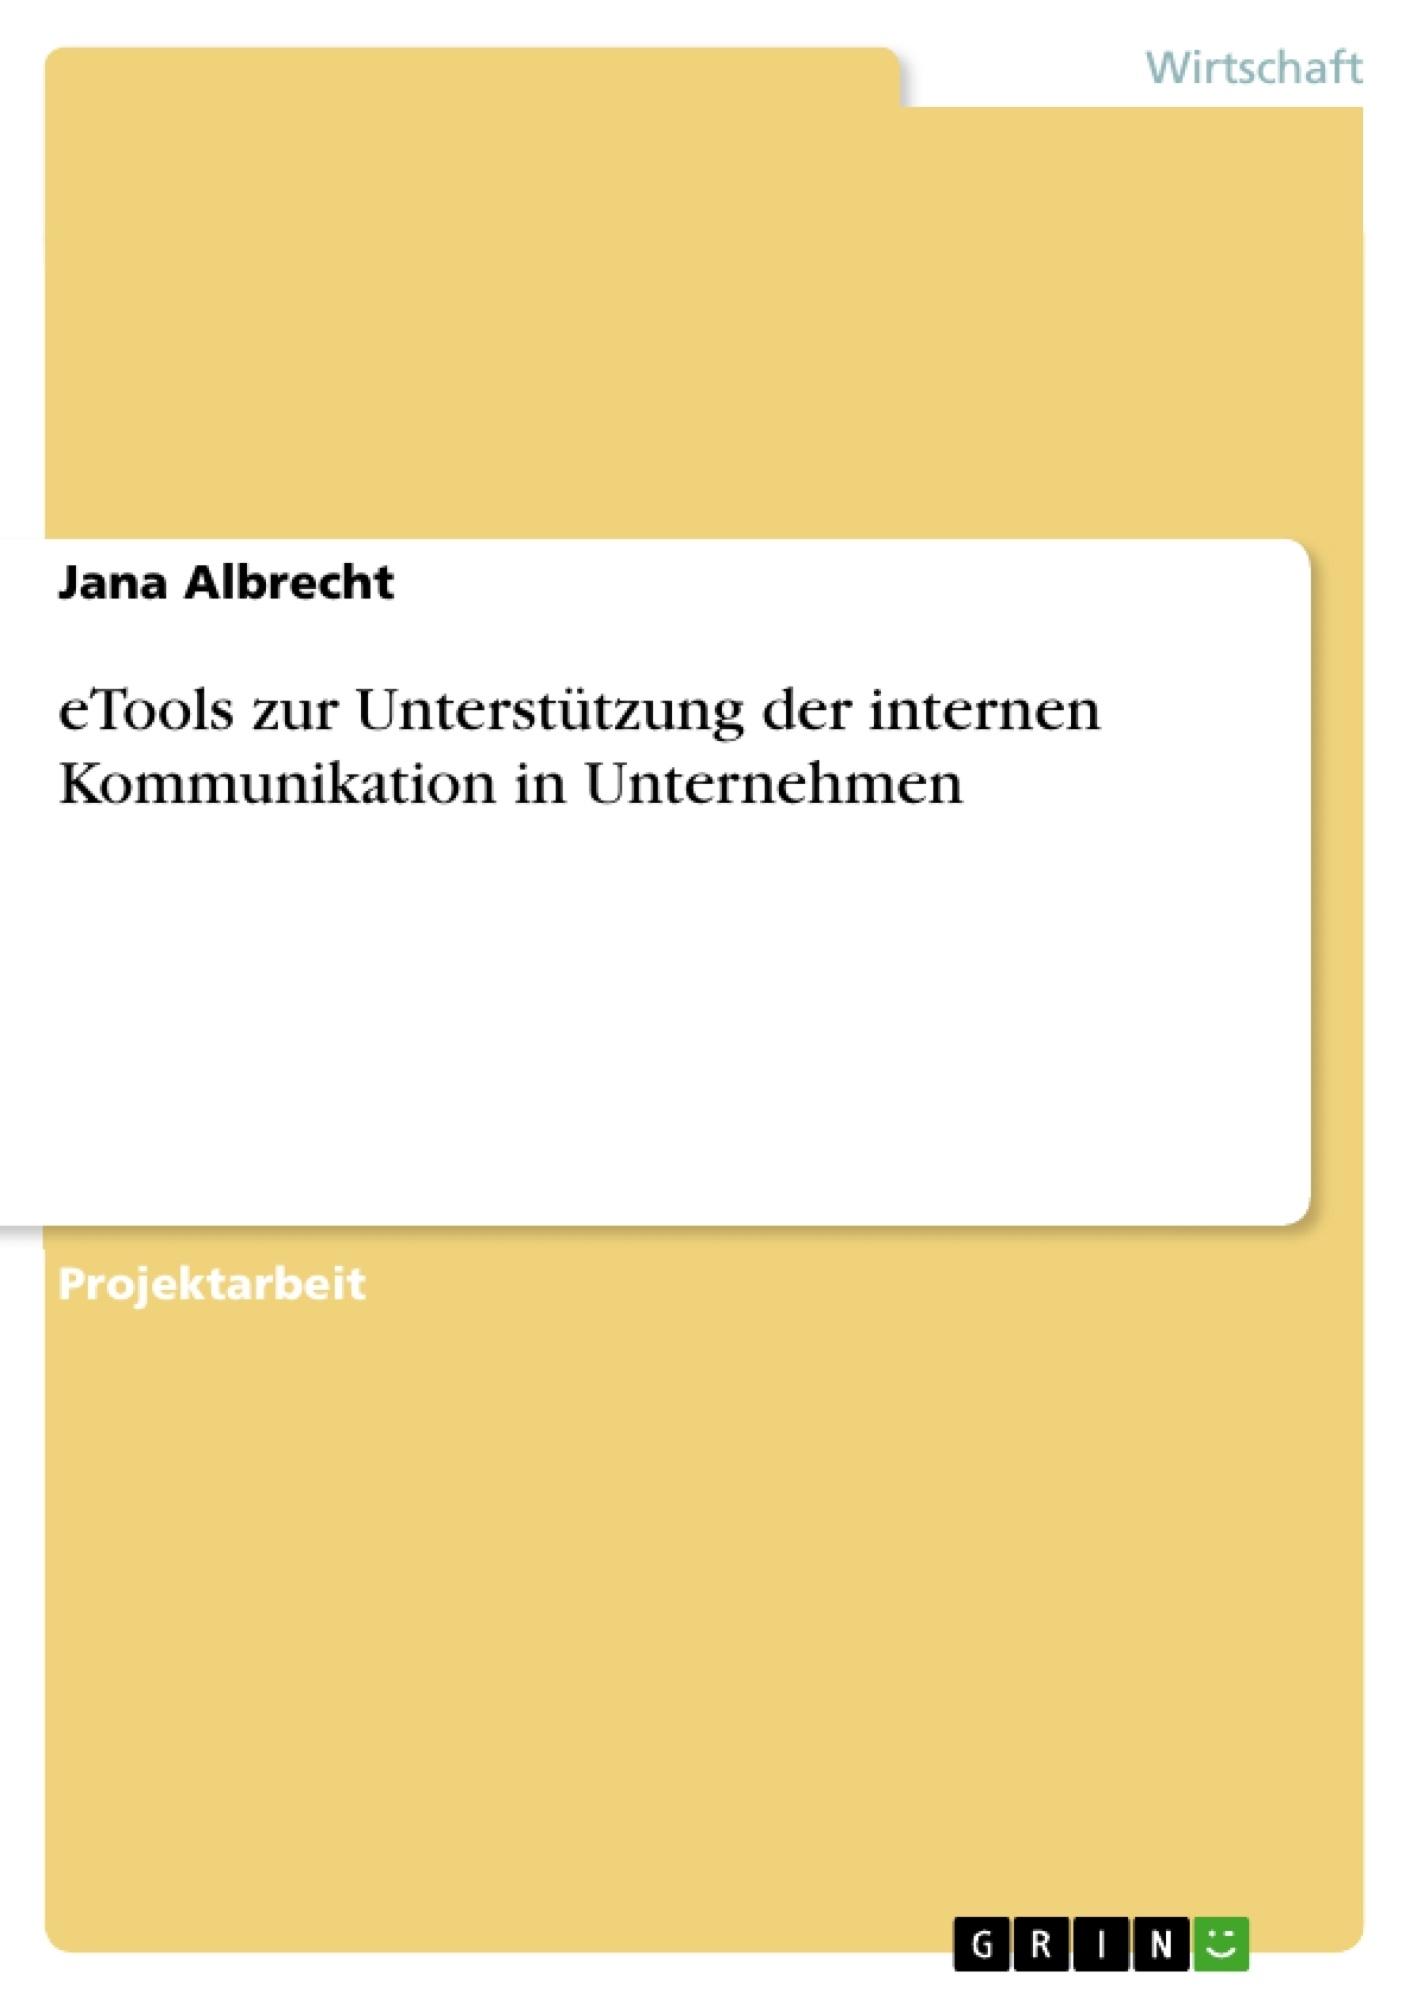 Titel: eTools zur Unterstützung der internen Kommunikation in Unternehmen